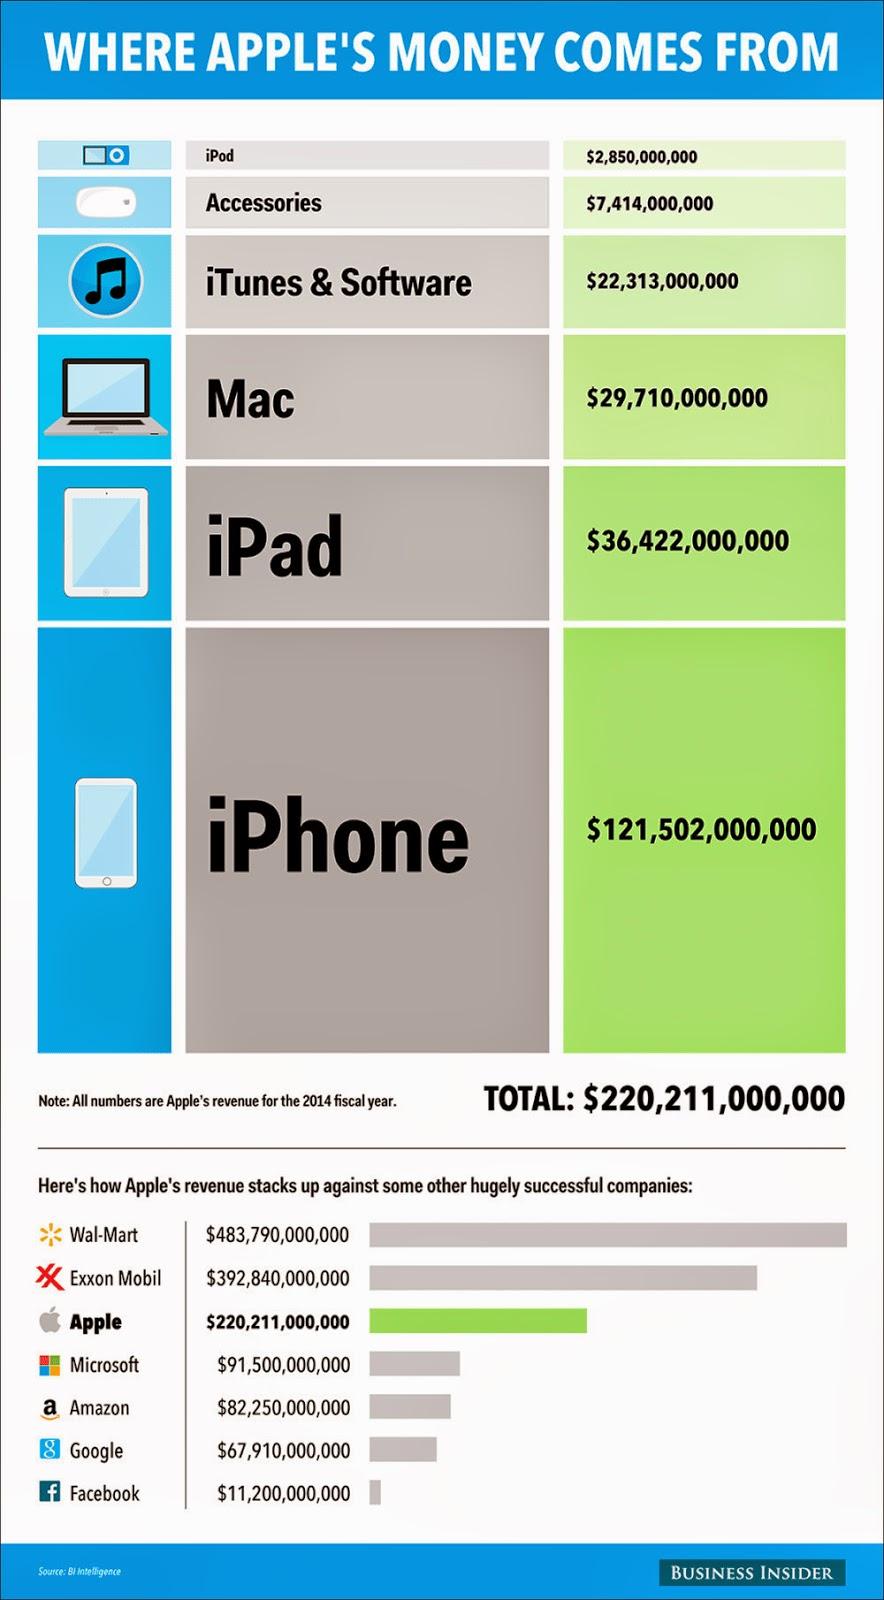 applesales2 De dondé salen los ingresos de Apple?